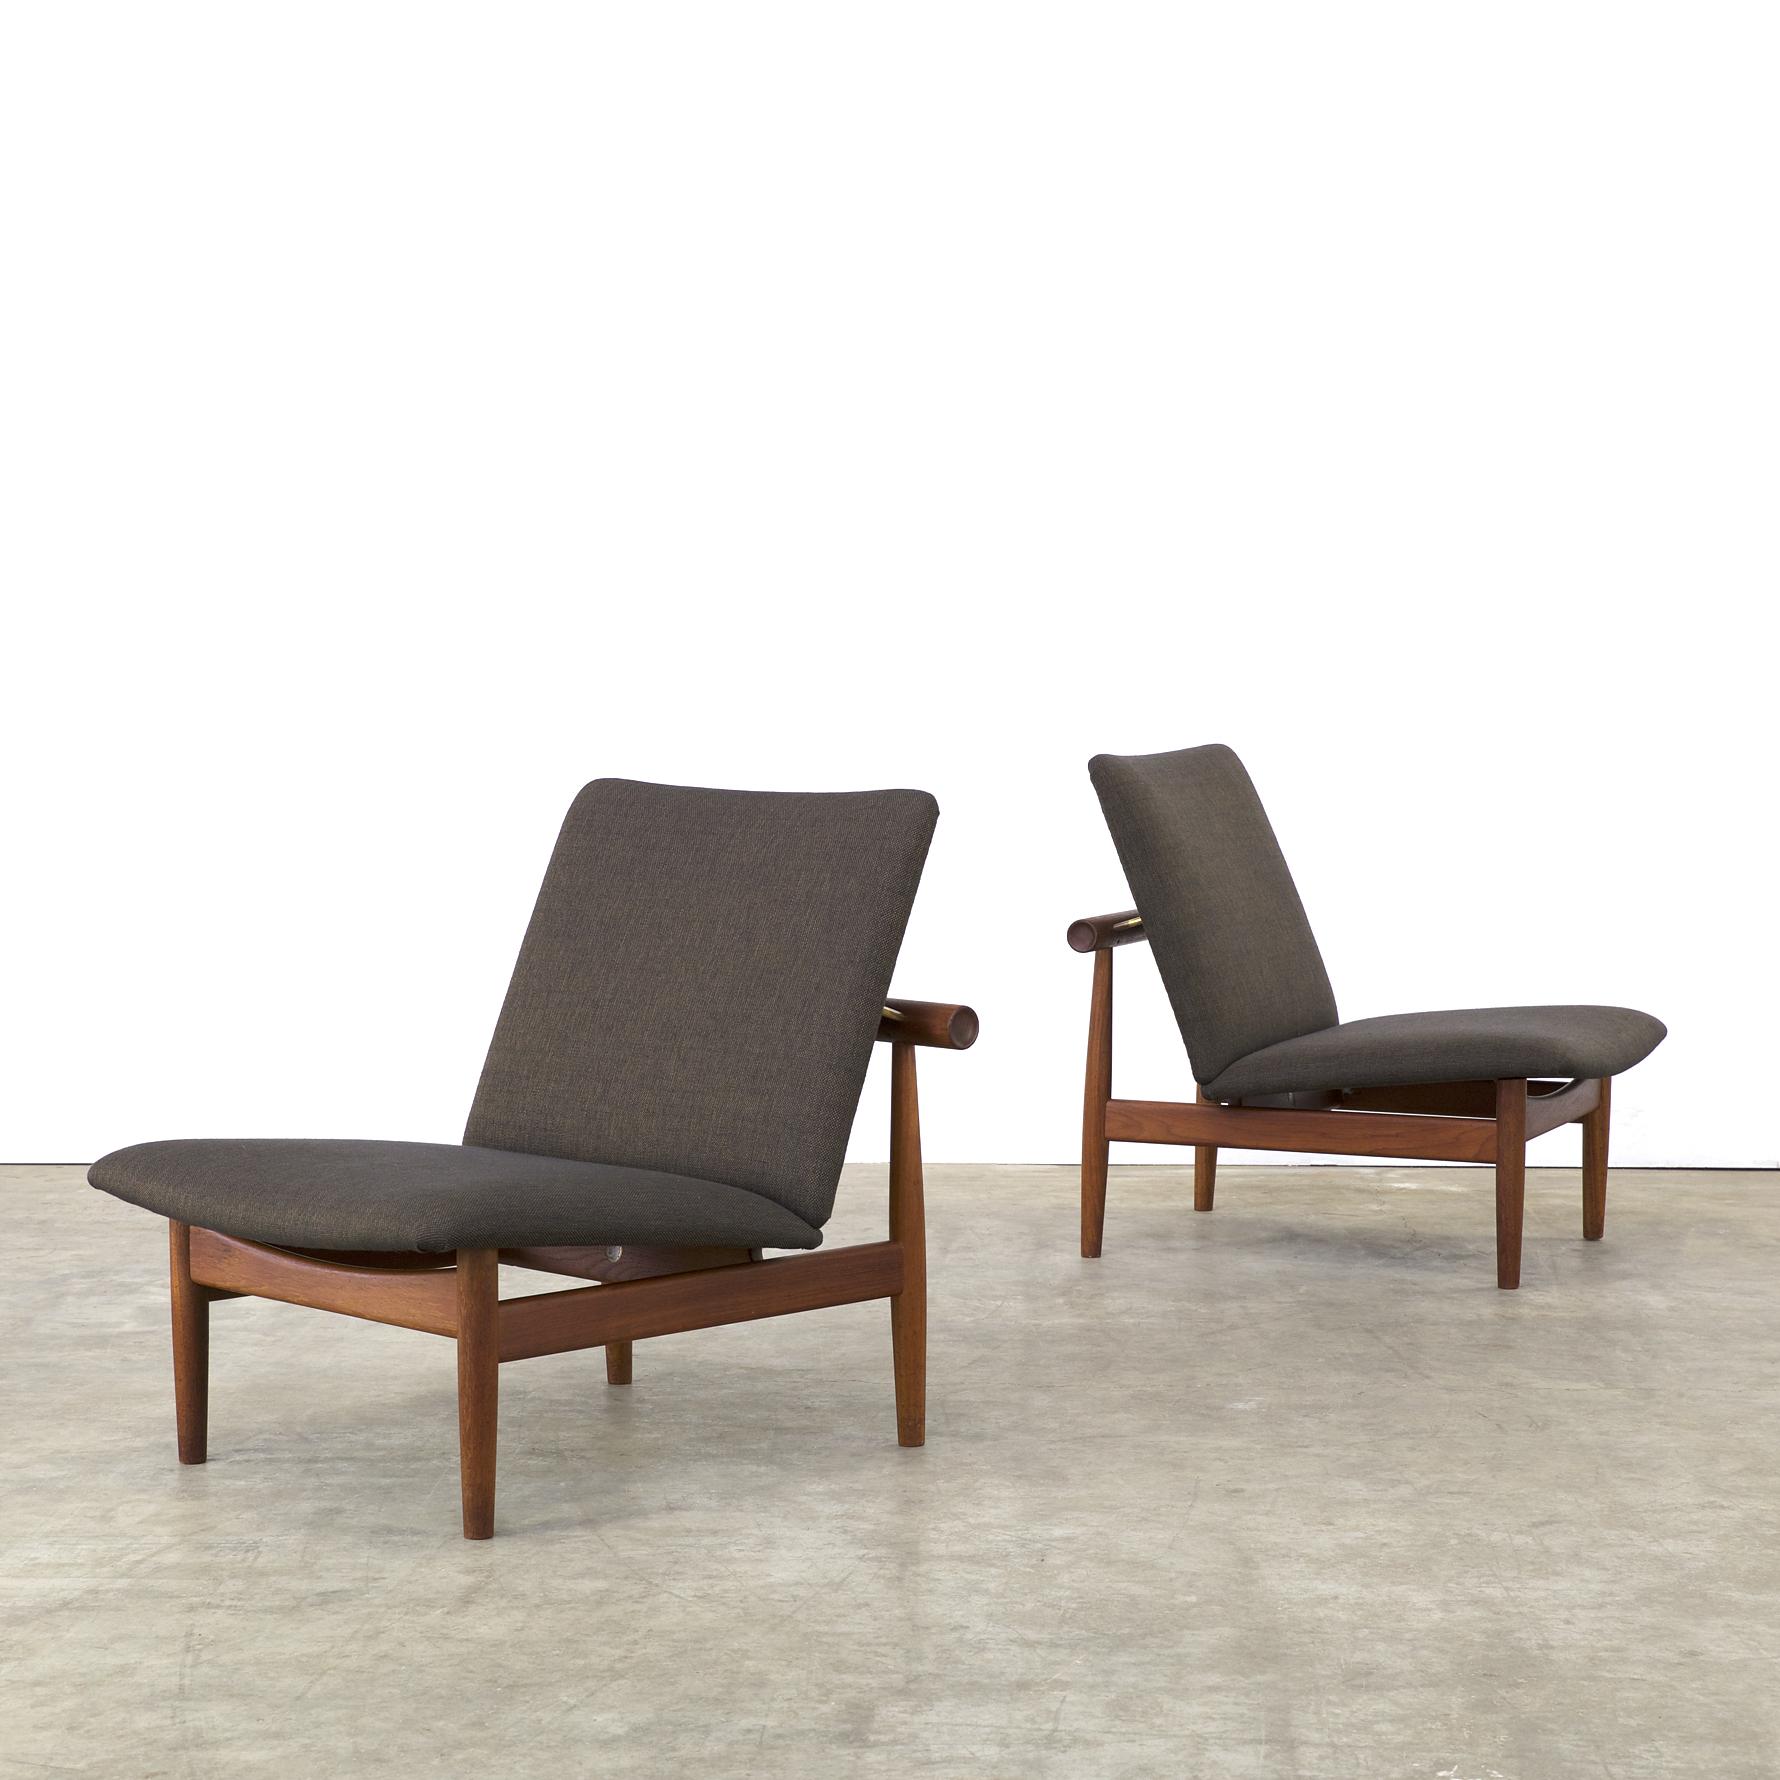 0823116ZF Finn Juhl fauteuil france son vintage design retro barbmama 020 Résultat Supérieur 50 Beau Fauteuil Retro Photos 2017 Kae2